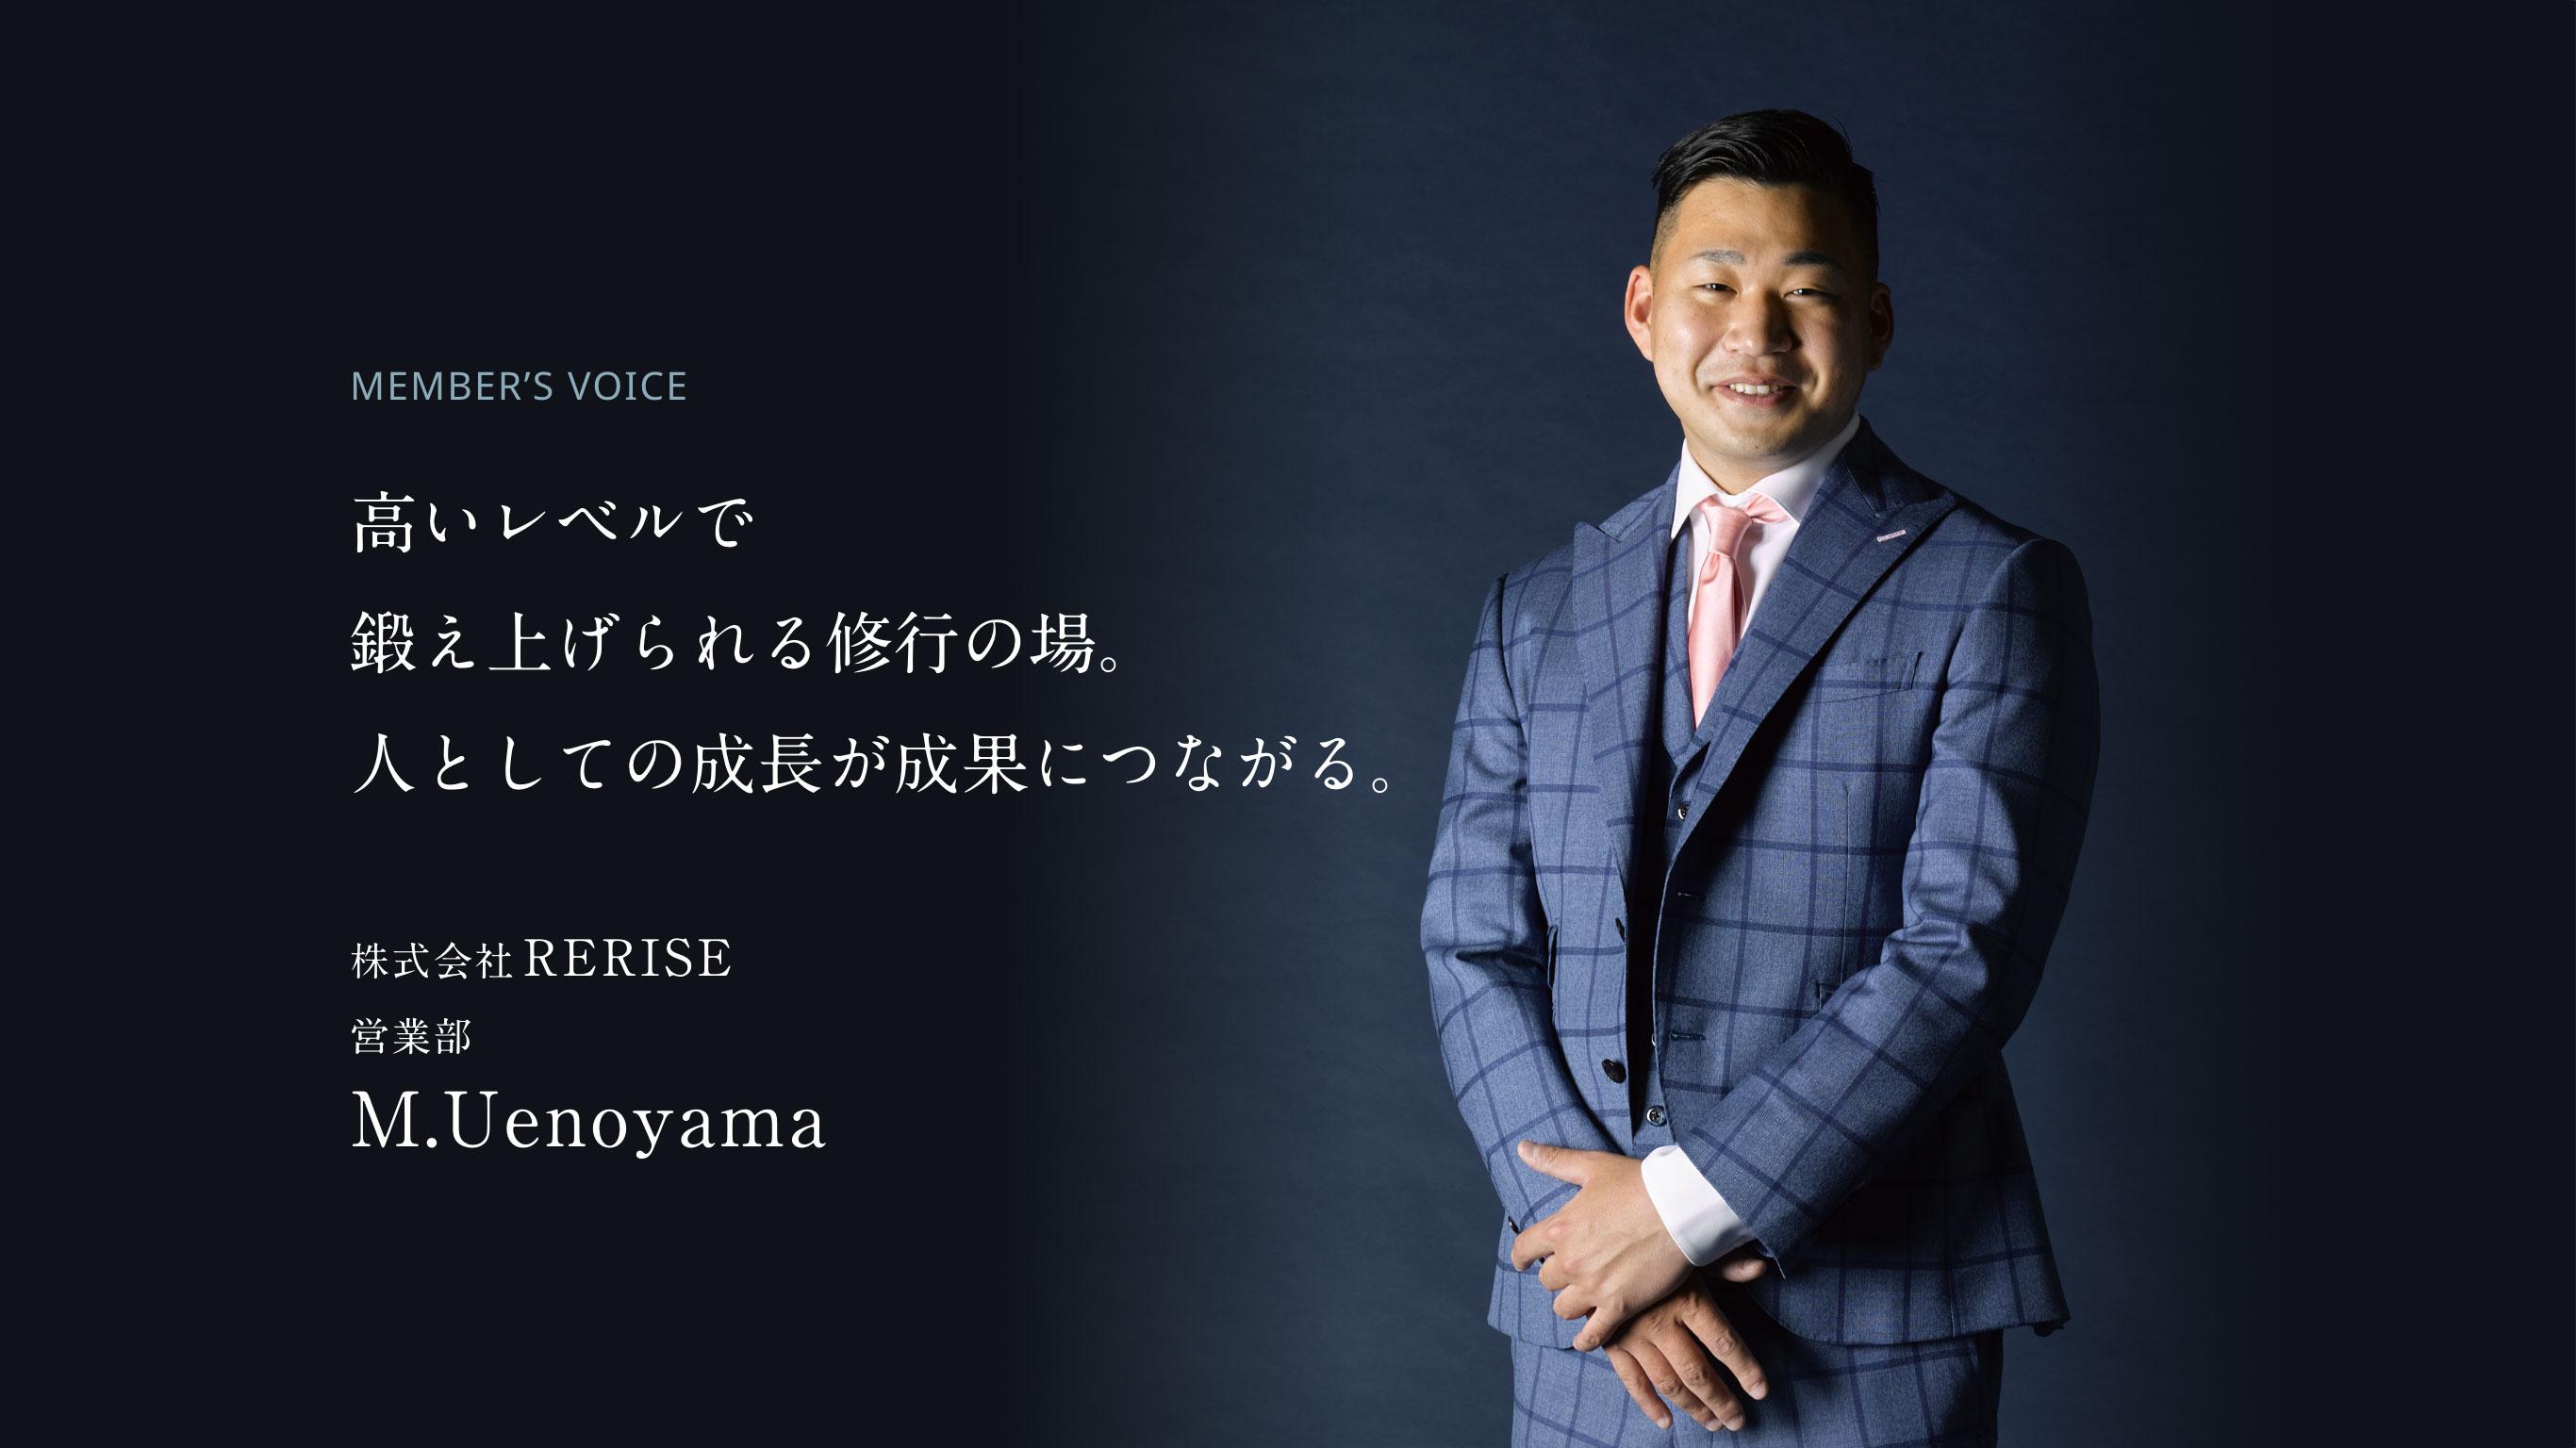 高いレベルで鍛え上げられる修行の場。人としての成長が成果につながる。 株式会社RERISE 営業部 M.Uenoyama